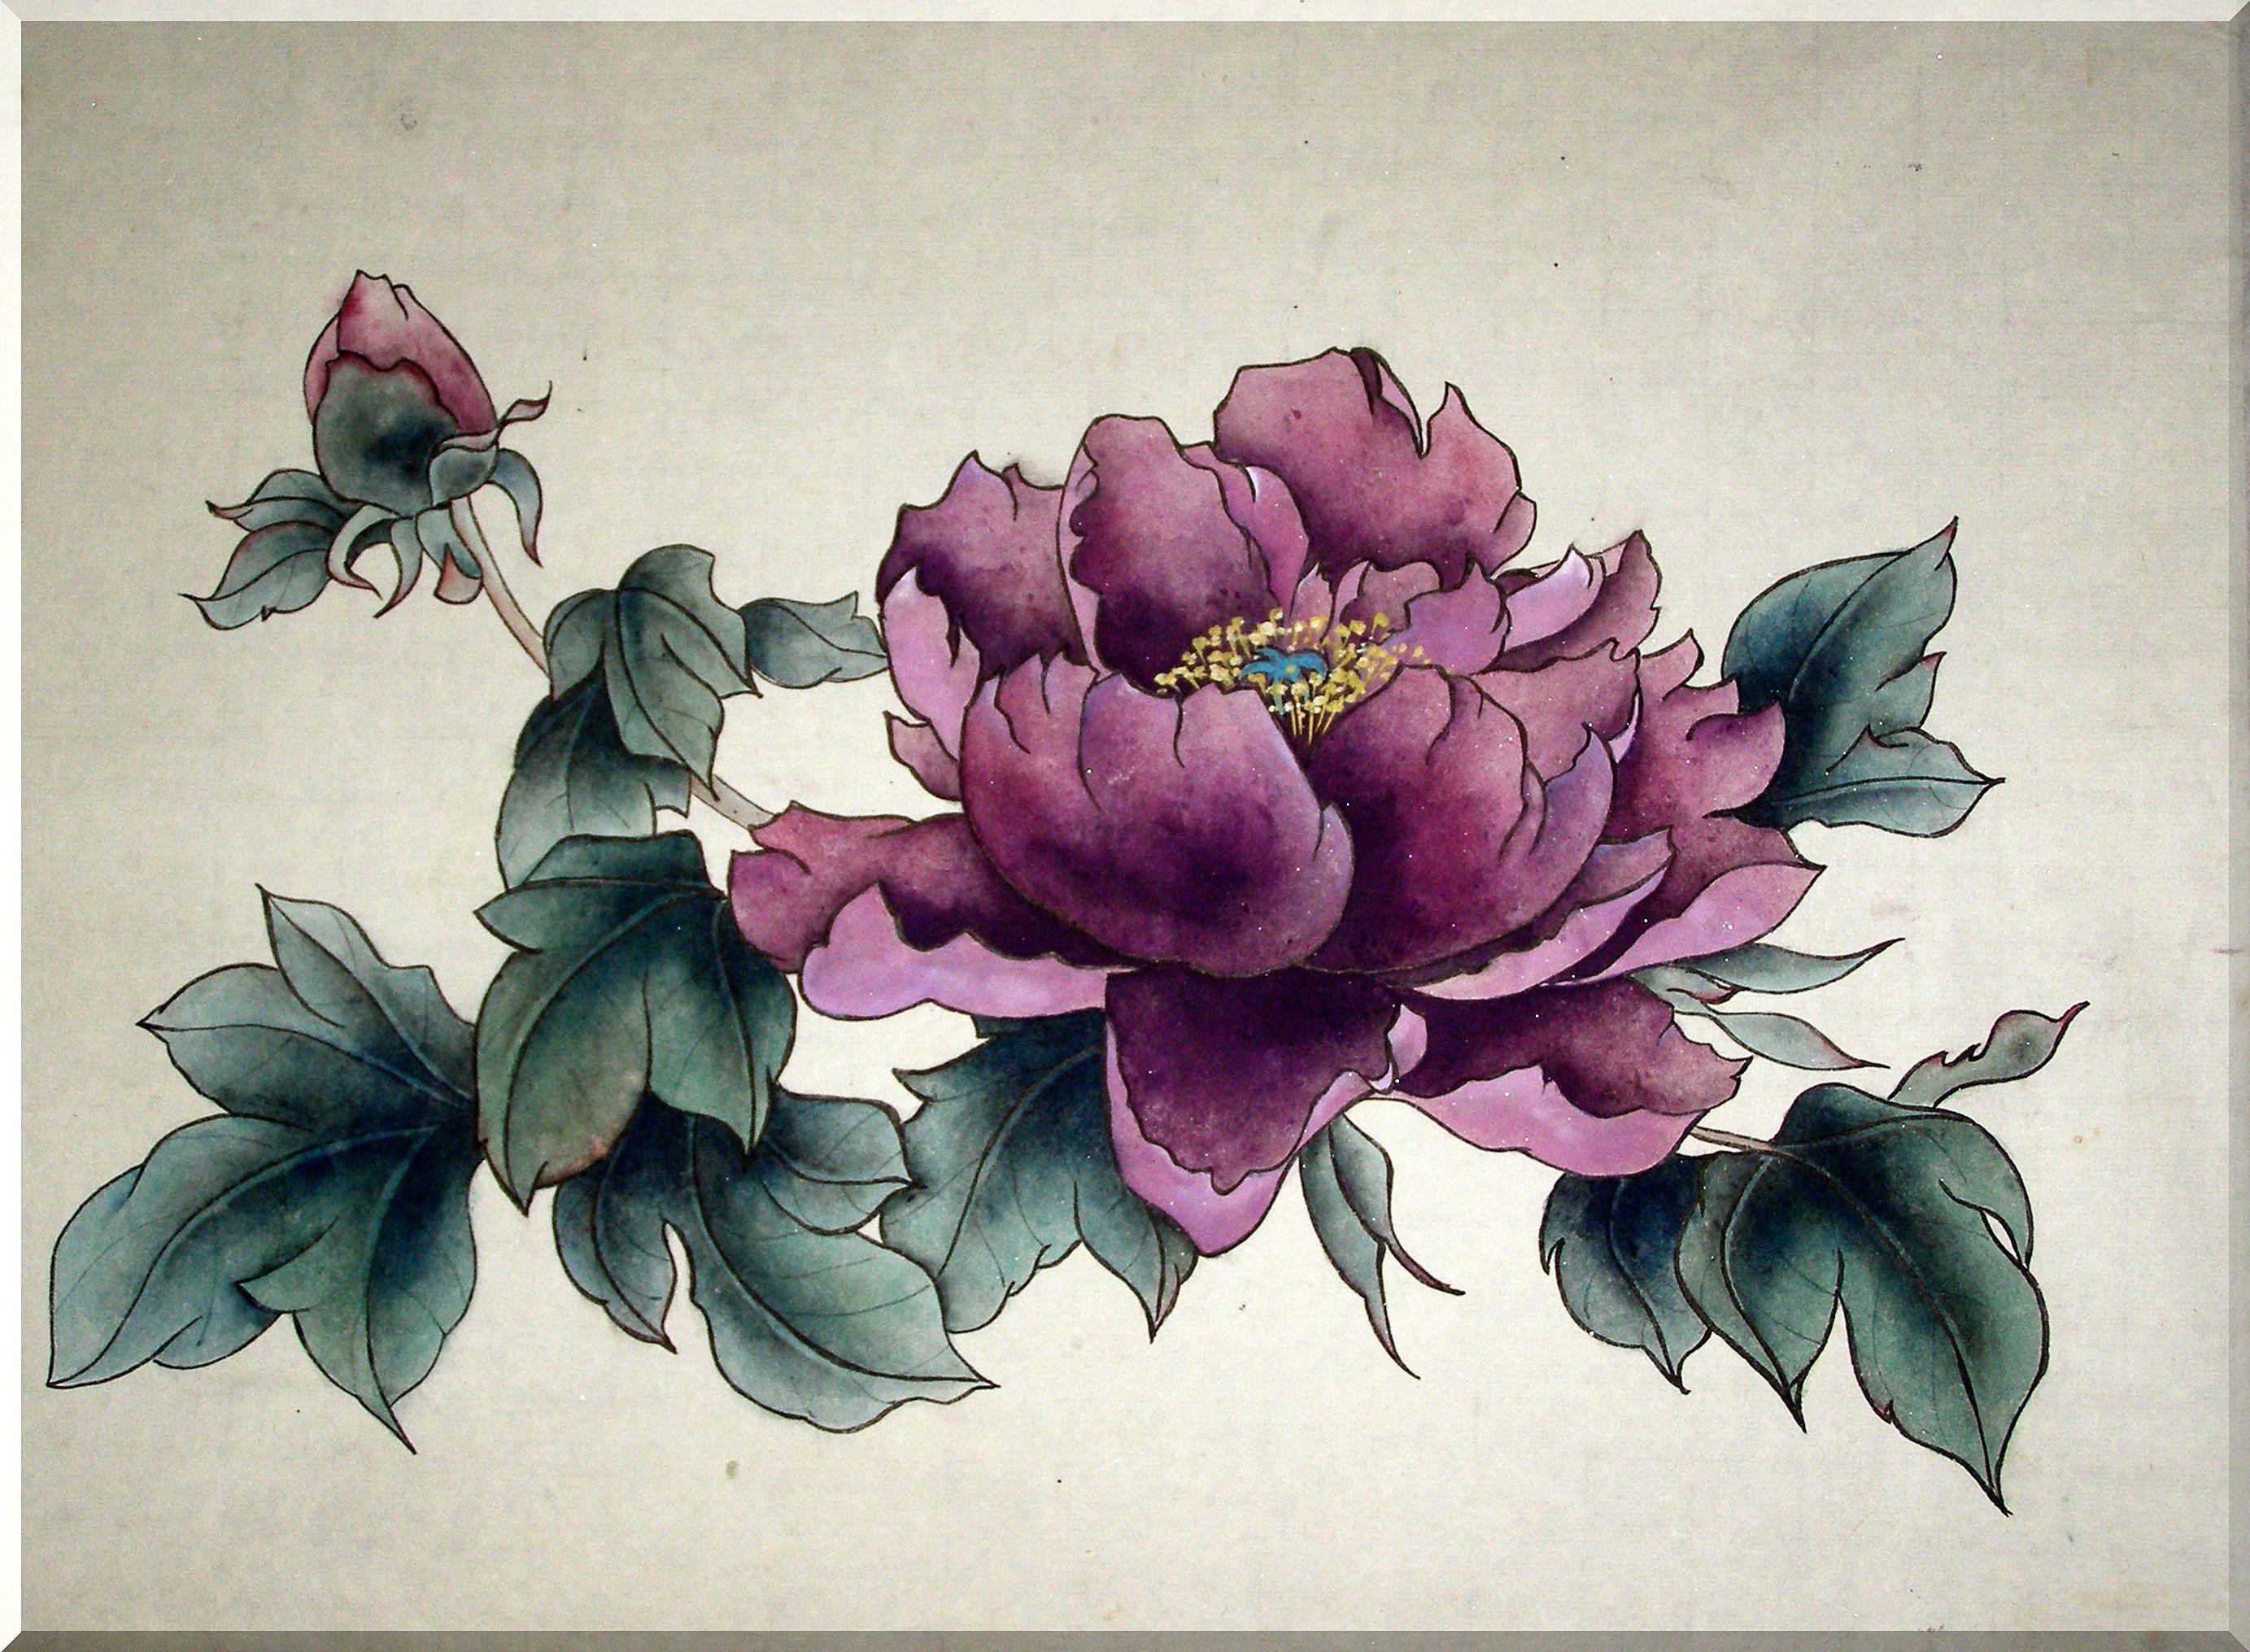 пионы китайская живопись - Поиск в Google (с изображениями ...